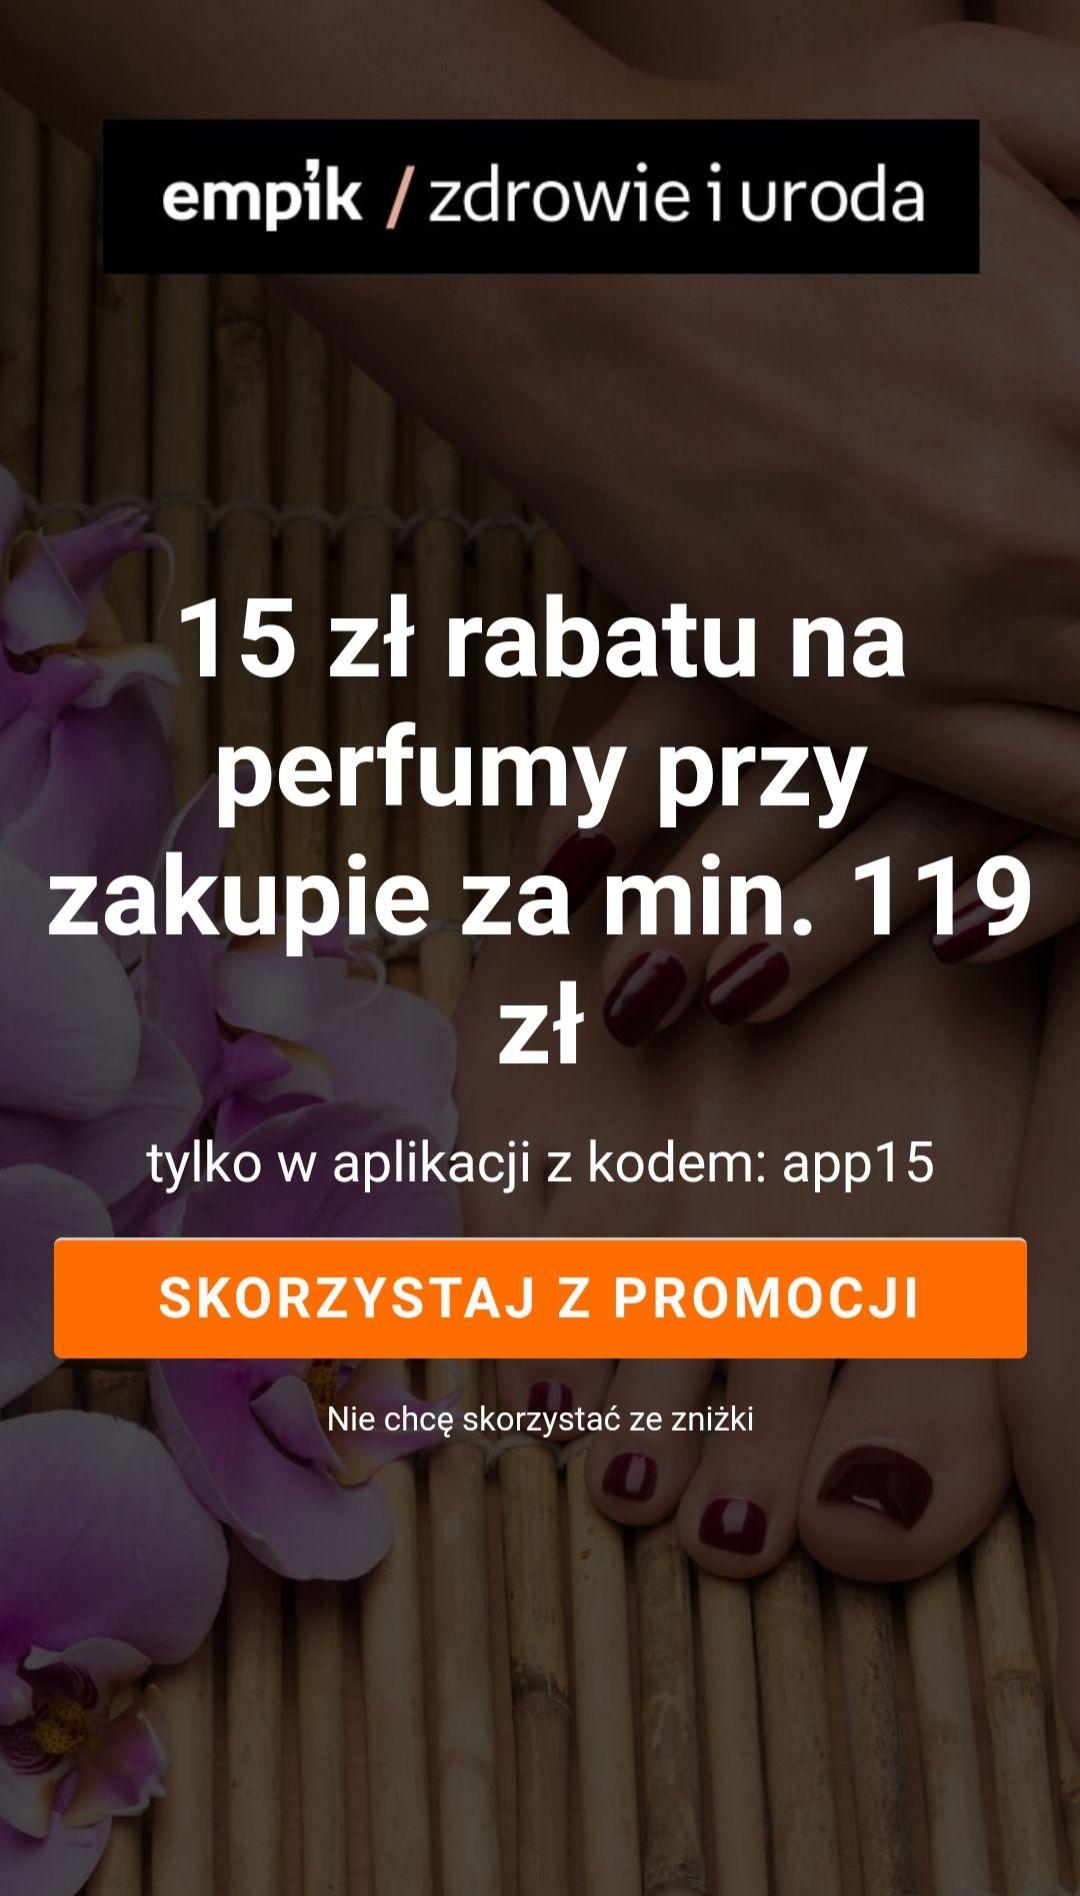 Empik -15 zł na perfumy przy zamówieniu za 119 zł